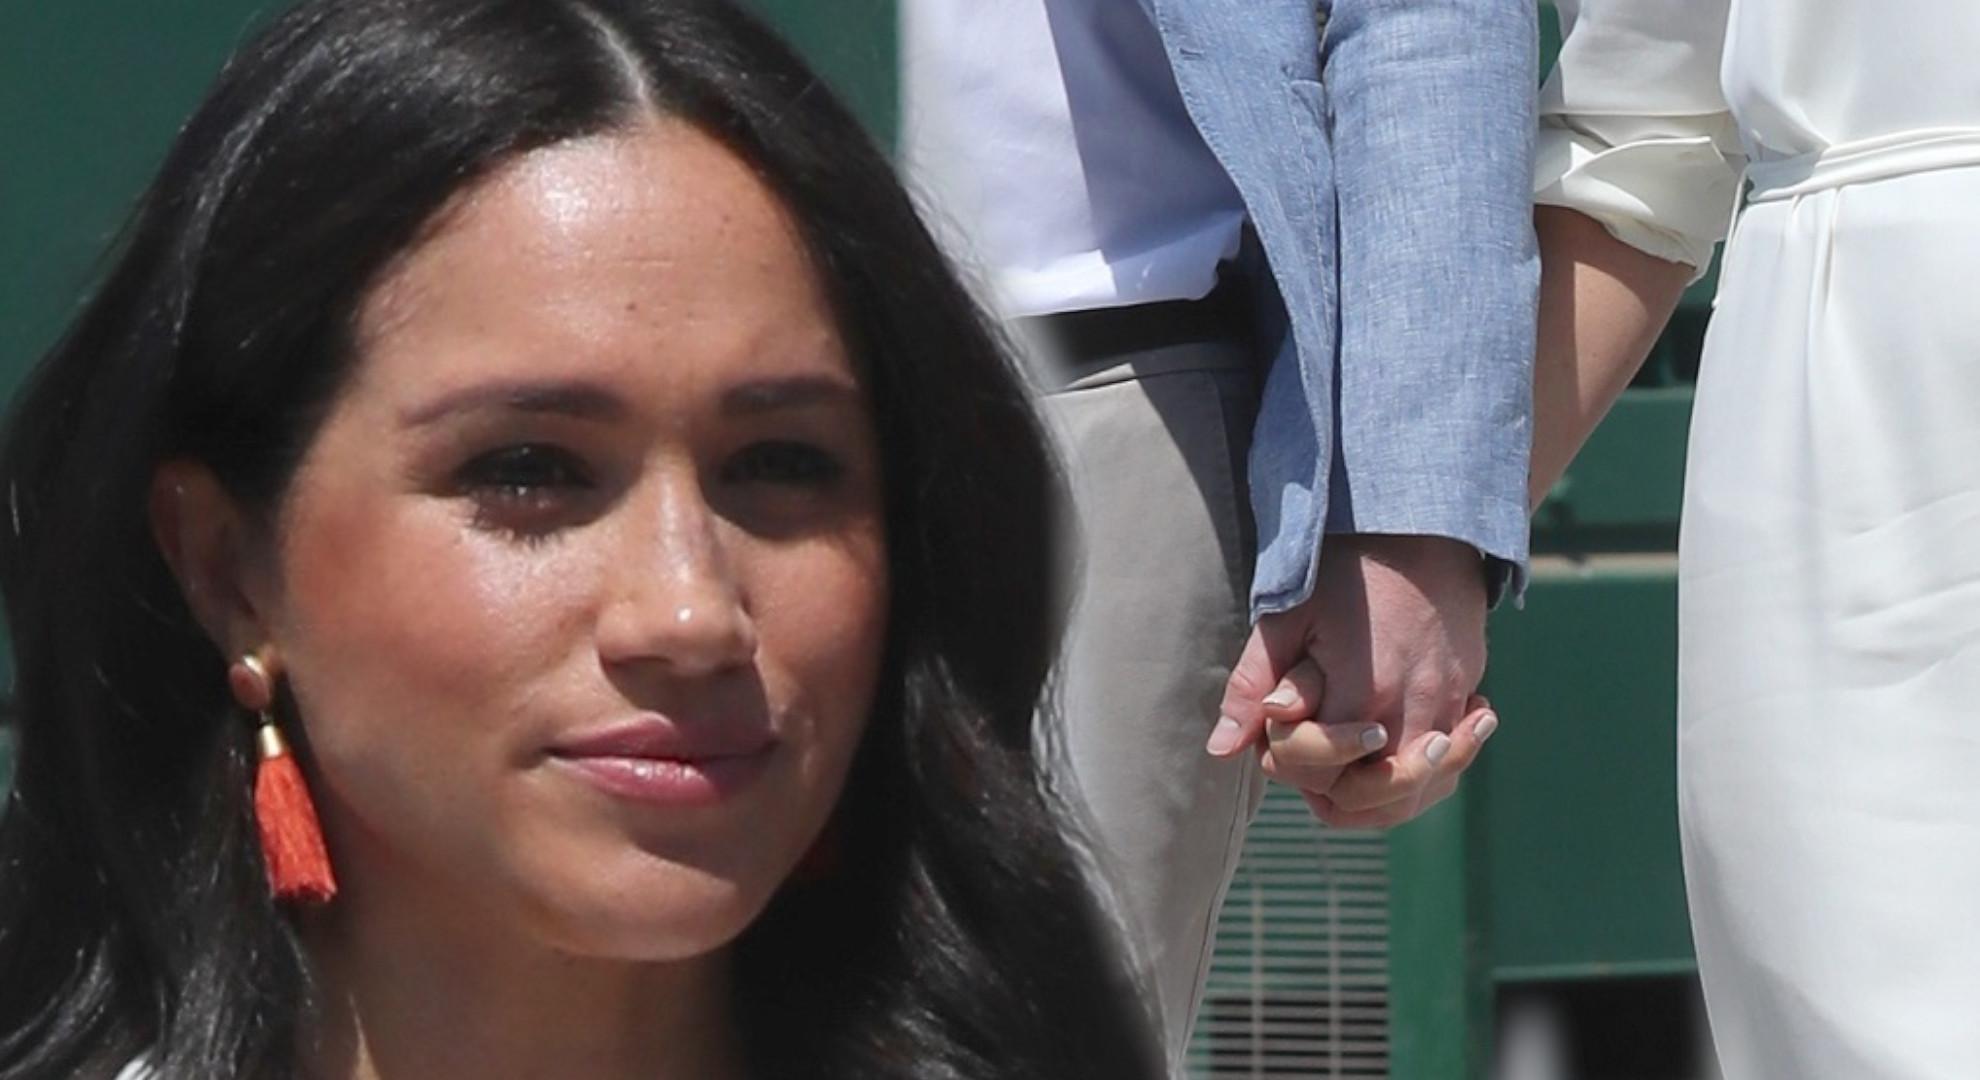 Książęca para Sussex po 6-dniowej rozłące. Meghan w pięknej koszulowej sukience (ZDJĘCIA)